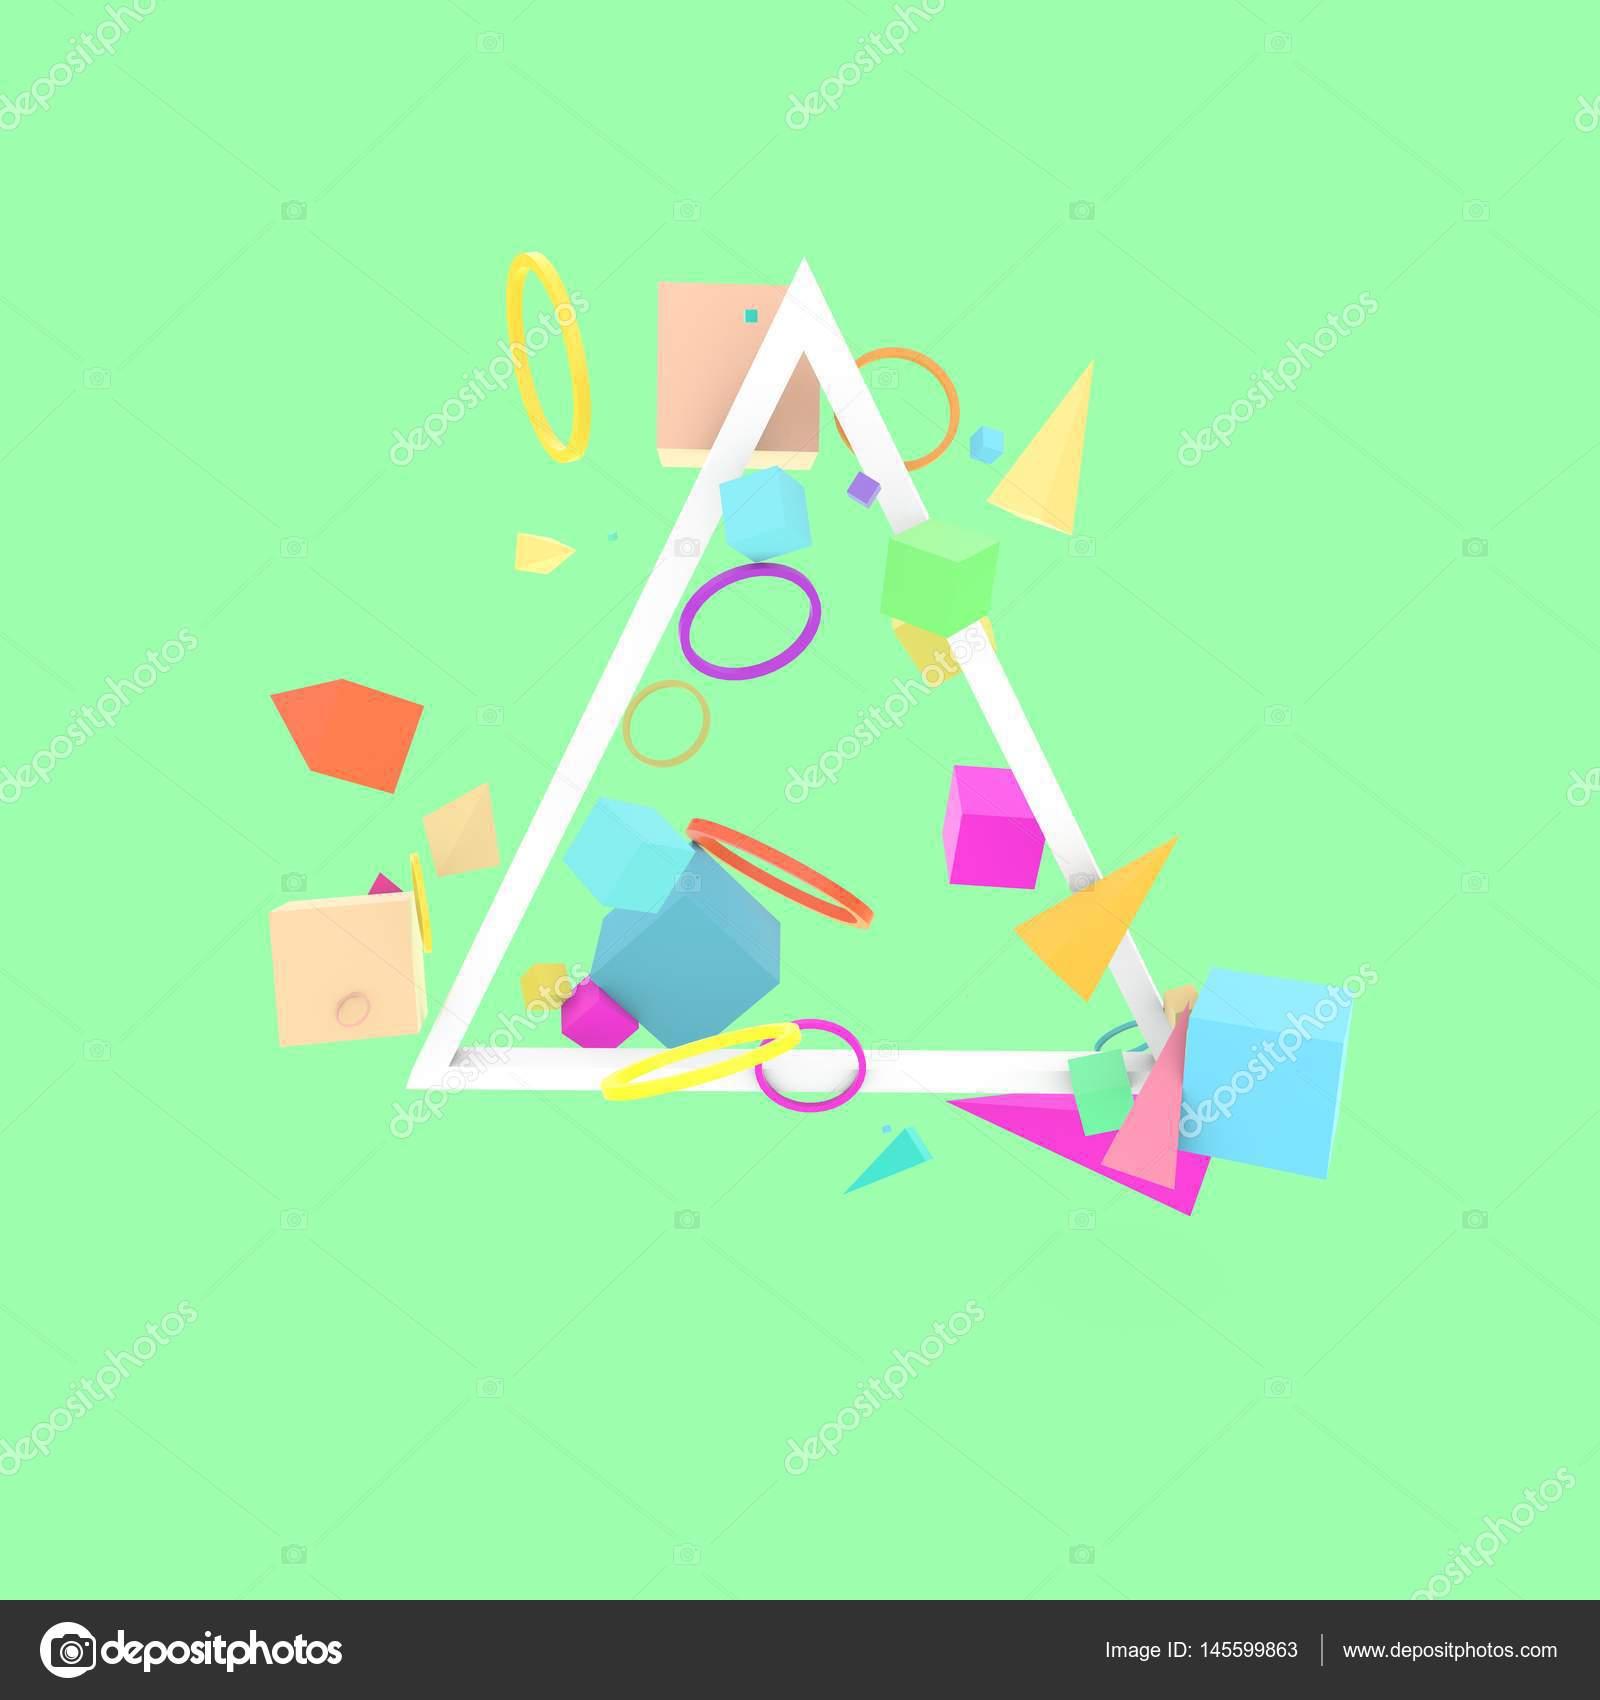 Abstrakte 3D-Figuren mit Dreieck-Rahmen — Stockfoto © whitebarbie ...